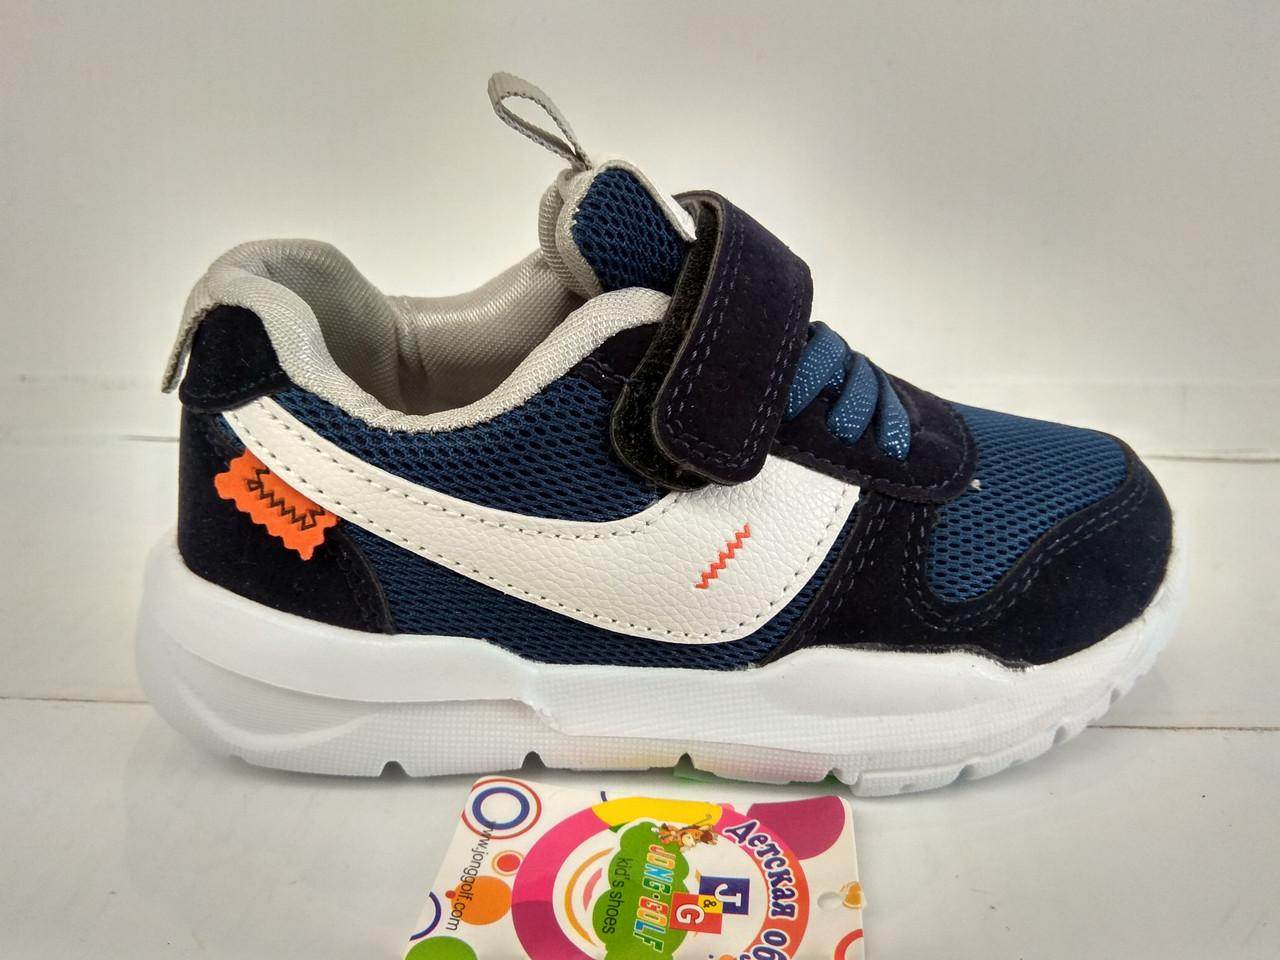 6f7ec82a3 Детские кроссовки оптом Jong.Golf 2433-1 (р.26-31) , цена 205 грн., купить  в Хмельницком — Prom.ua (ID#880408520)